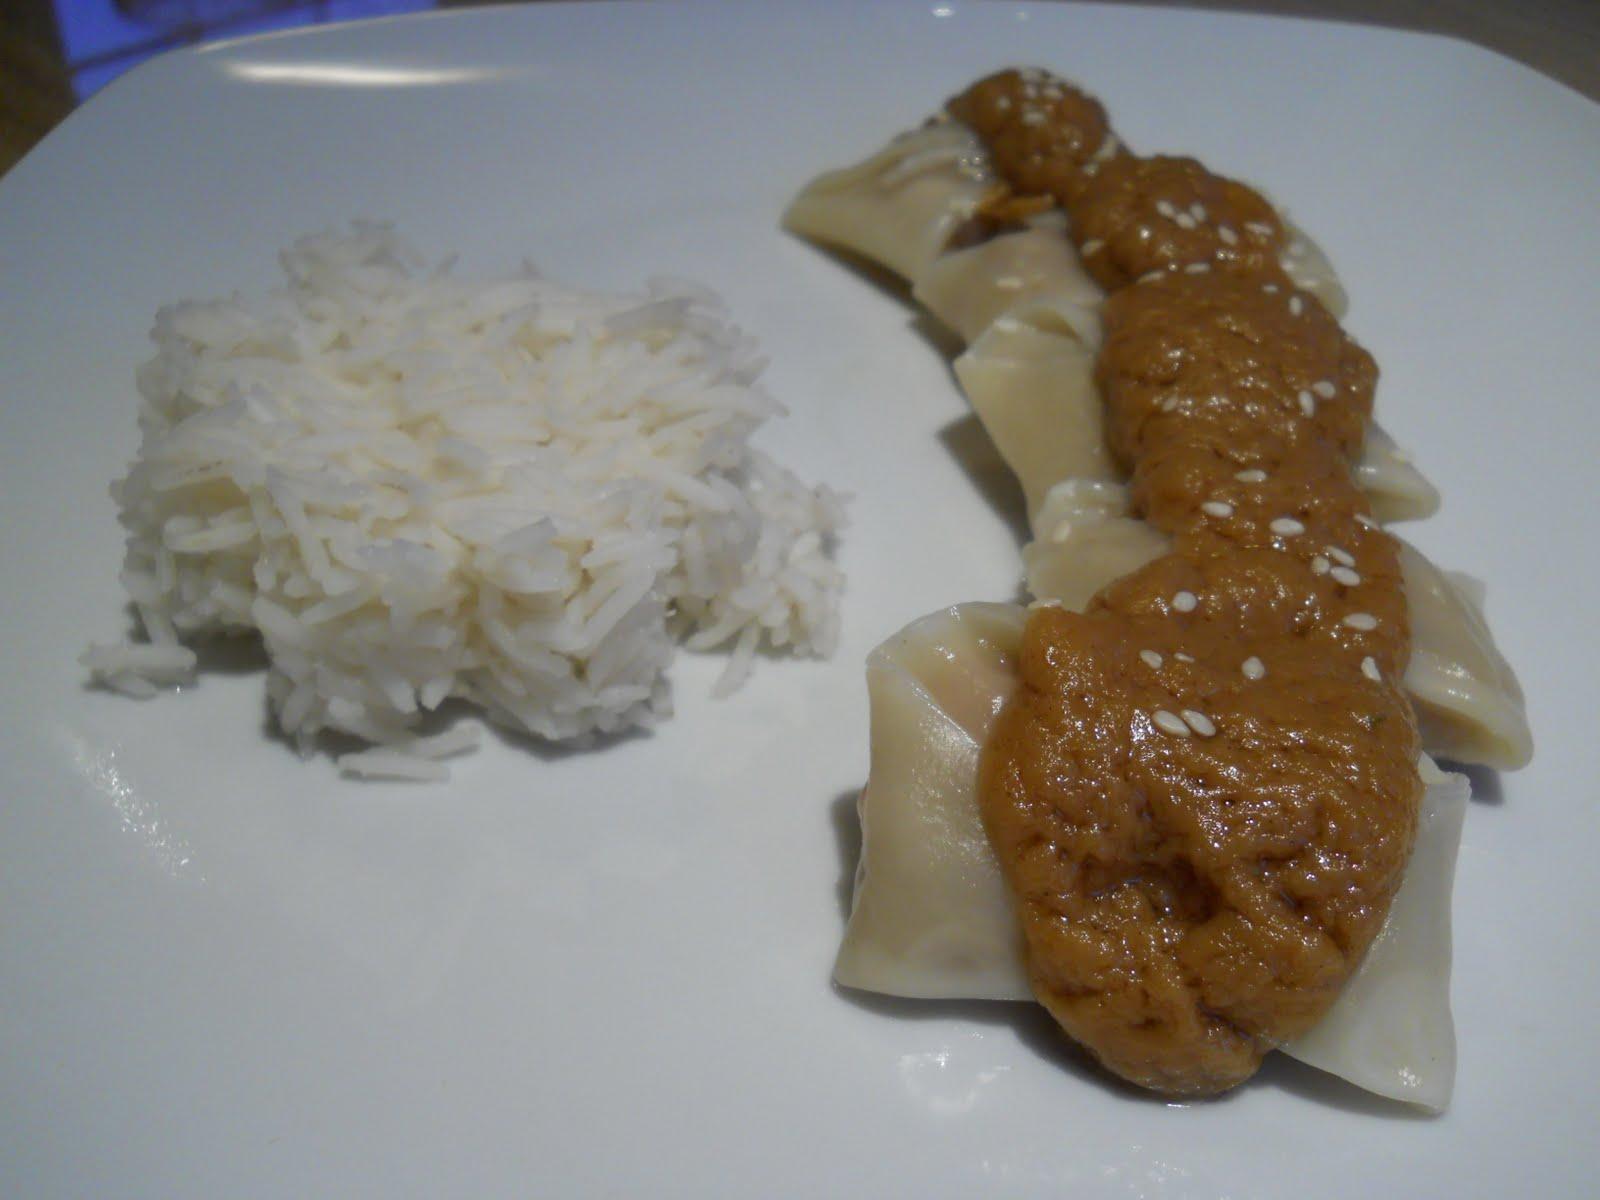 essaye la sauce Cette sauce oignon peut être servie avec du poisson braisé, du thiebou yapp ou  comme accompagnement d'autres plats africains personnellement j'adore la.